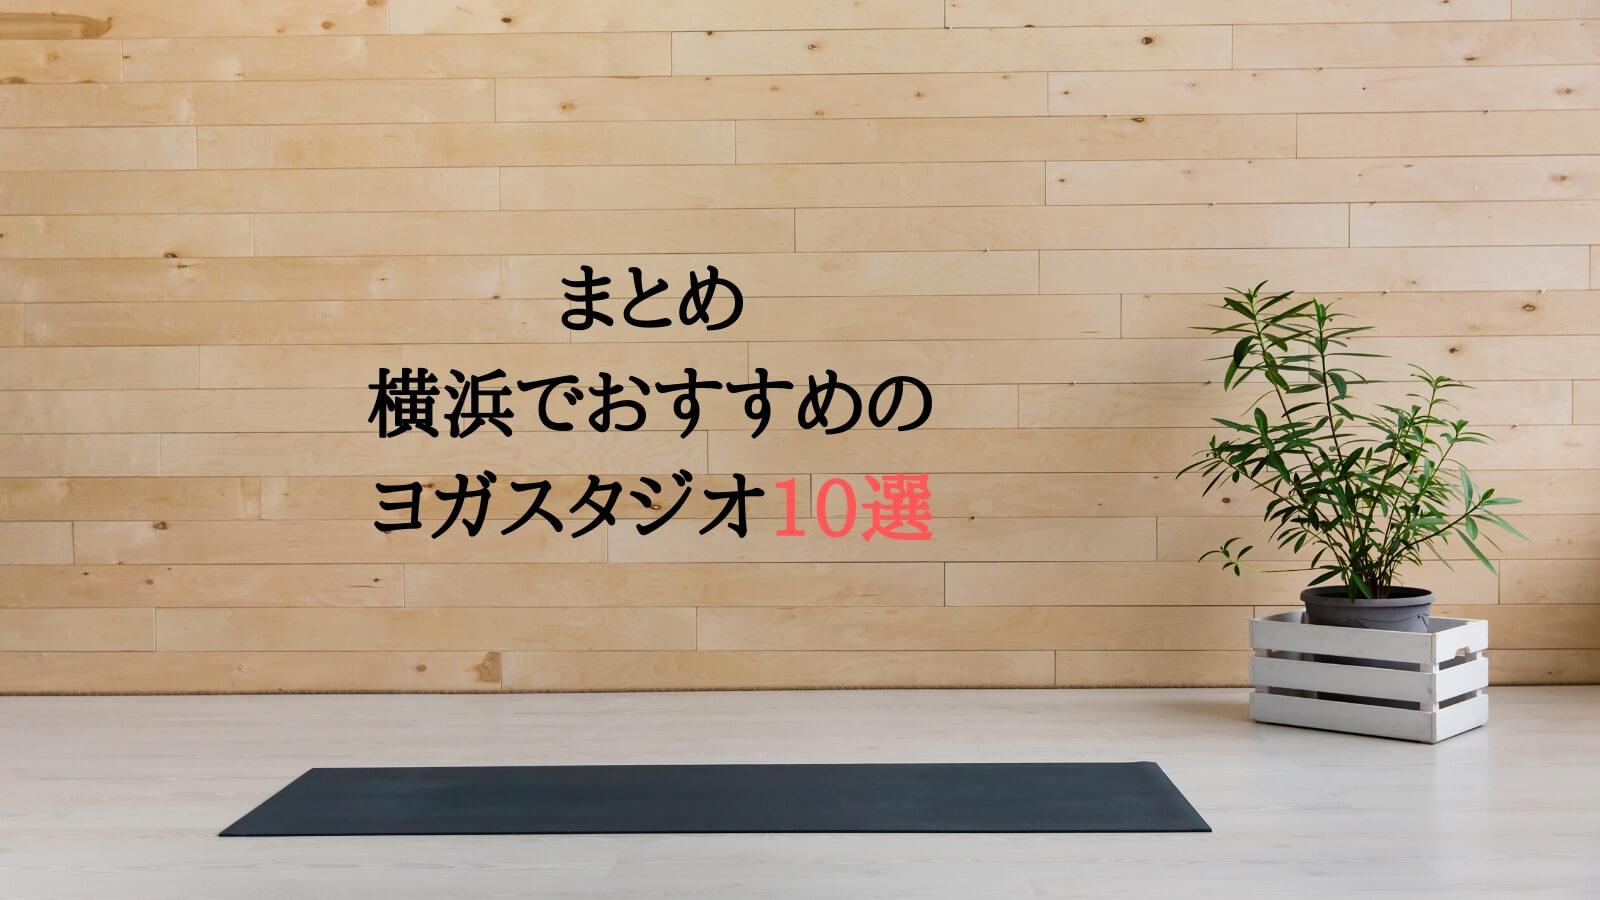 まとめ:横浜でおすすめのヨガスタジオ10選